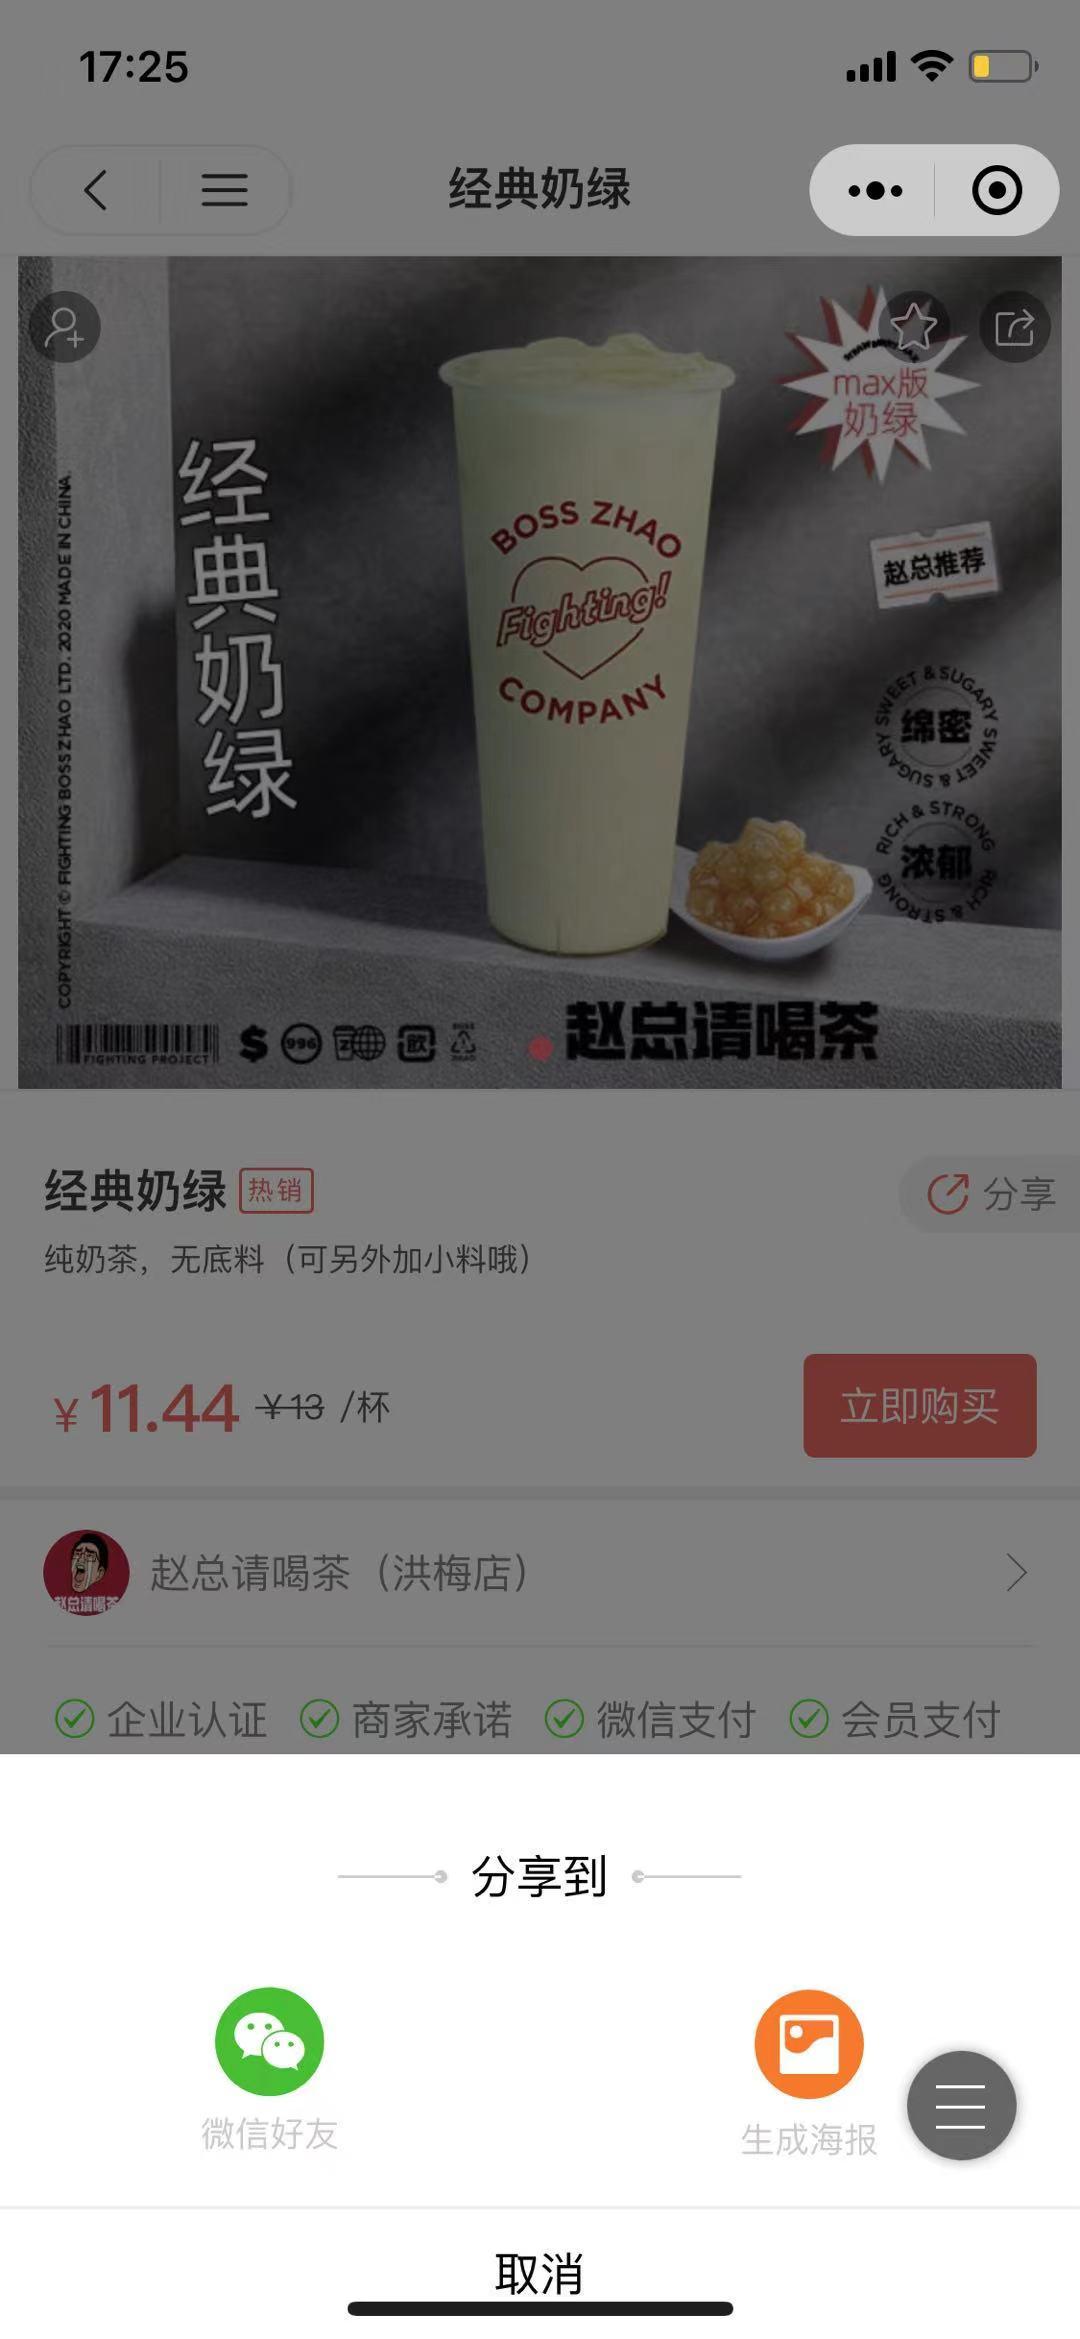 洪梅赵总请喝茶饮品店商家效果截图